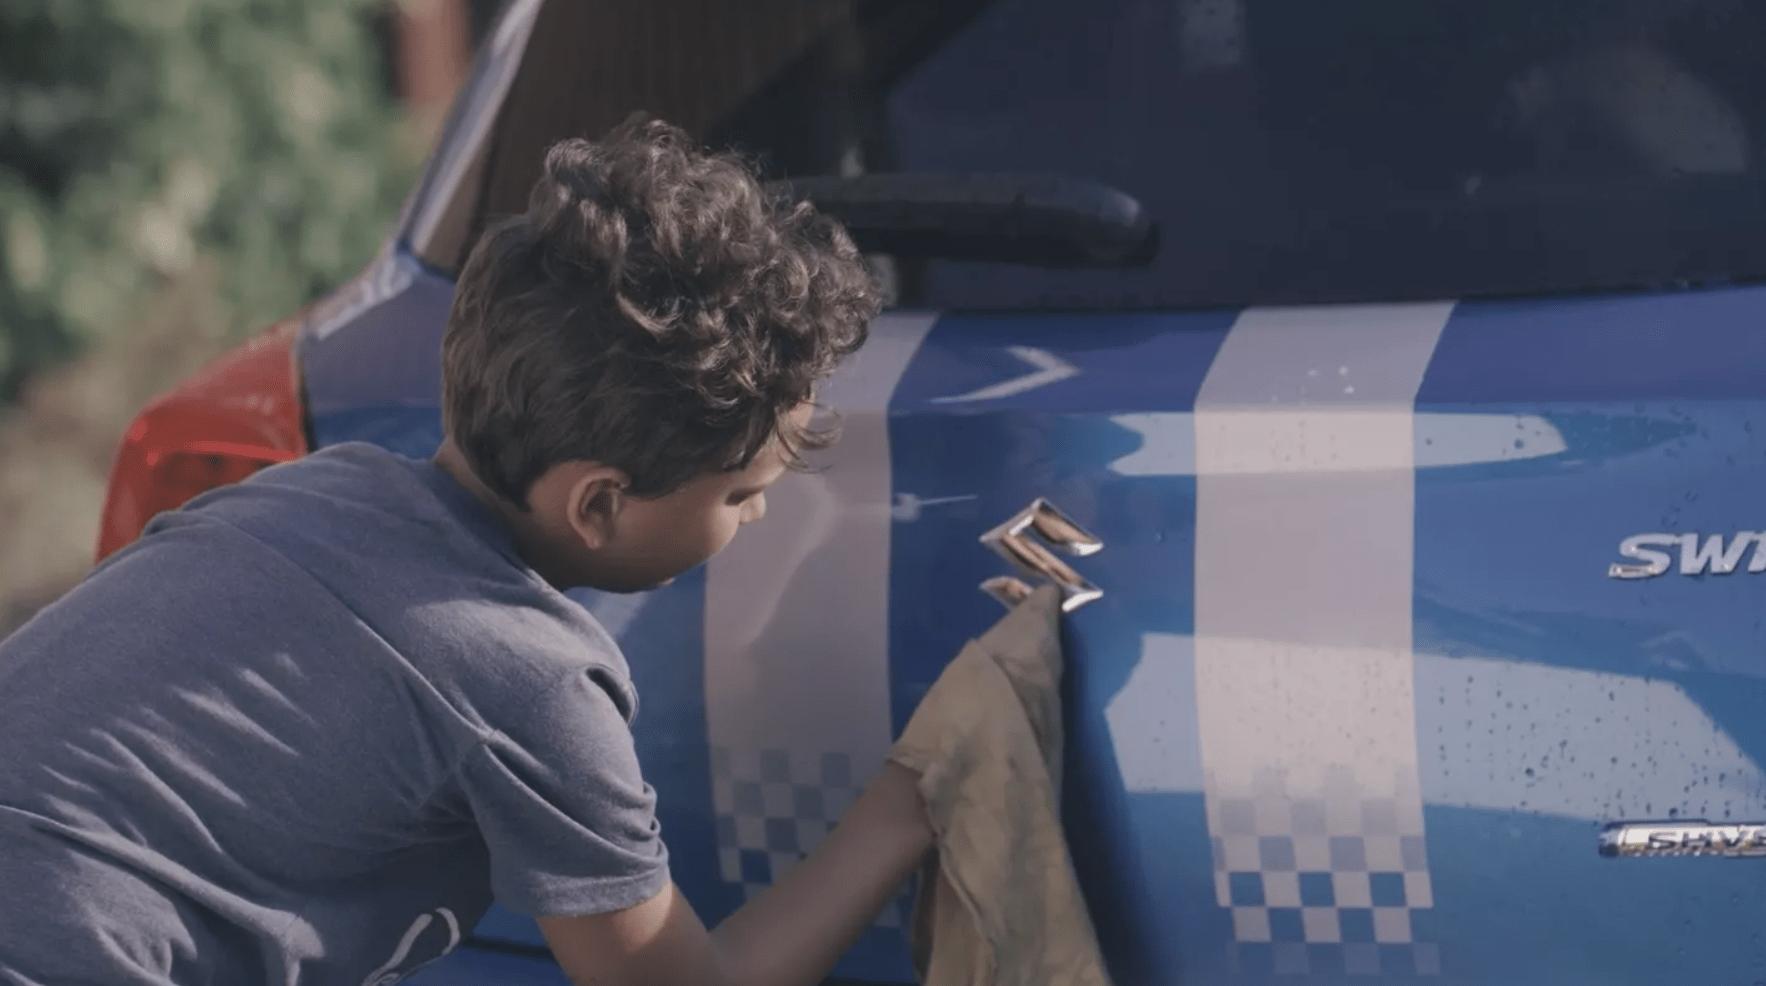 boy polishing car